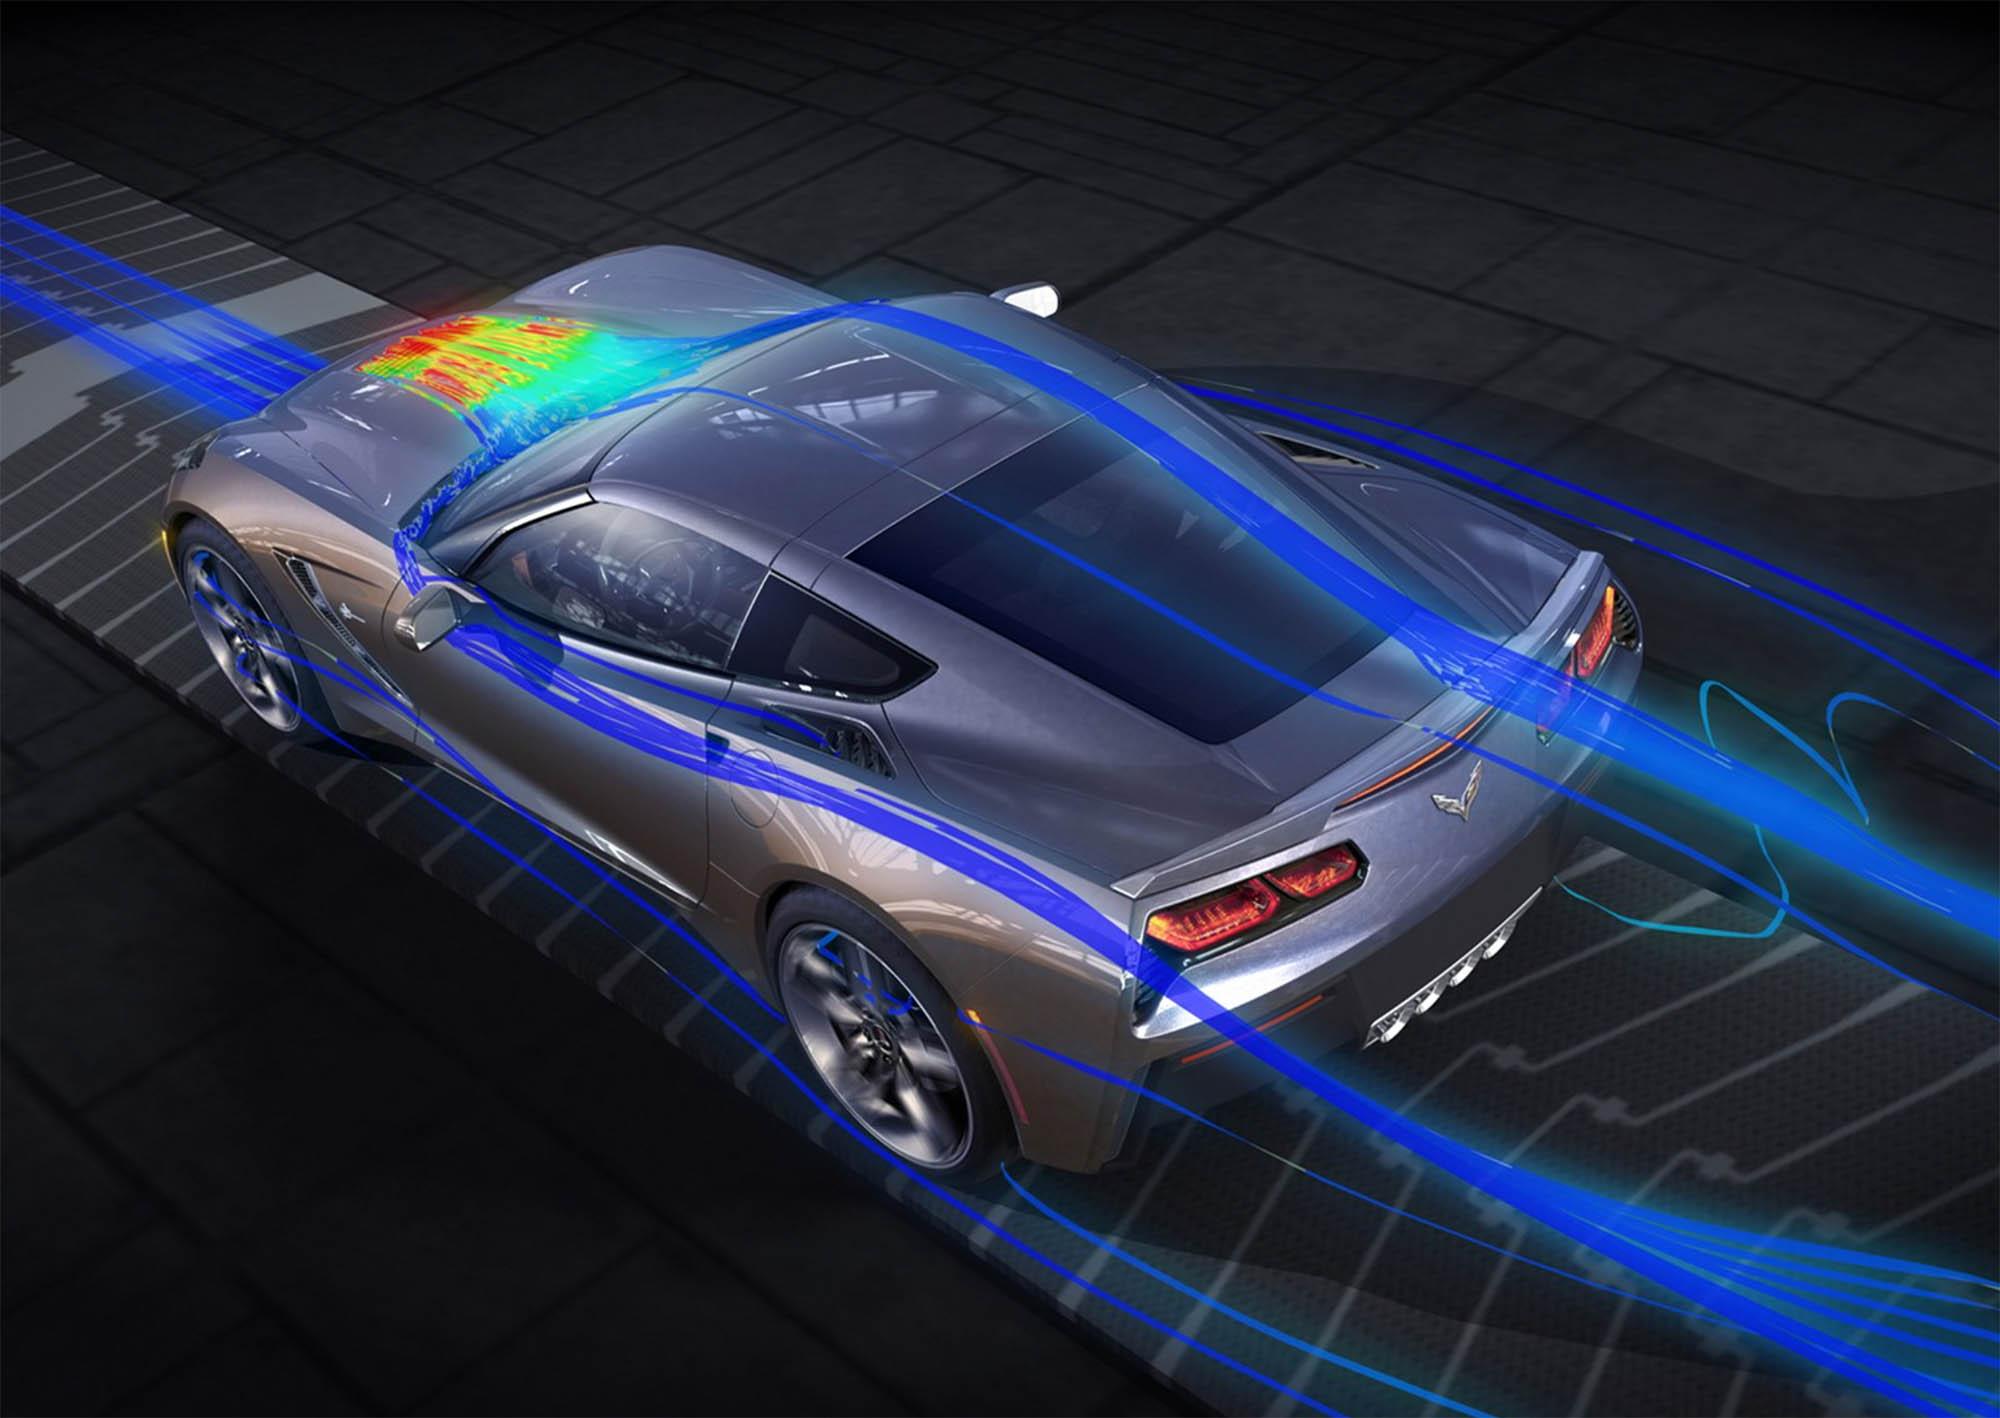 Так воздух обтекает кузов автомобиля. Чем более плавные линии кузова, тем ниже сопротивление воздуха и тем меньше топлива потратит двигатель. Источник: dieselstation.com